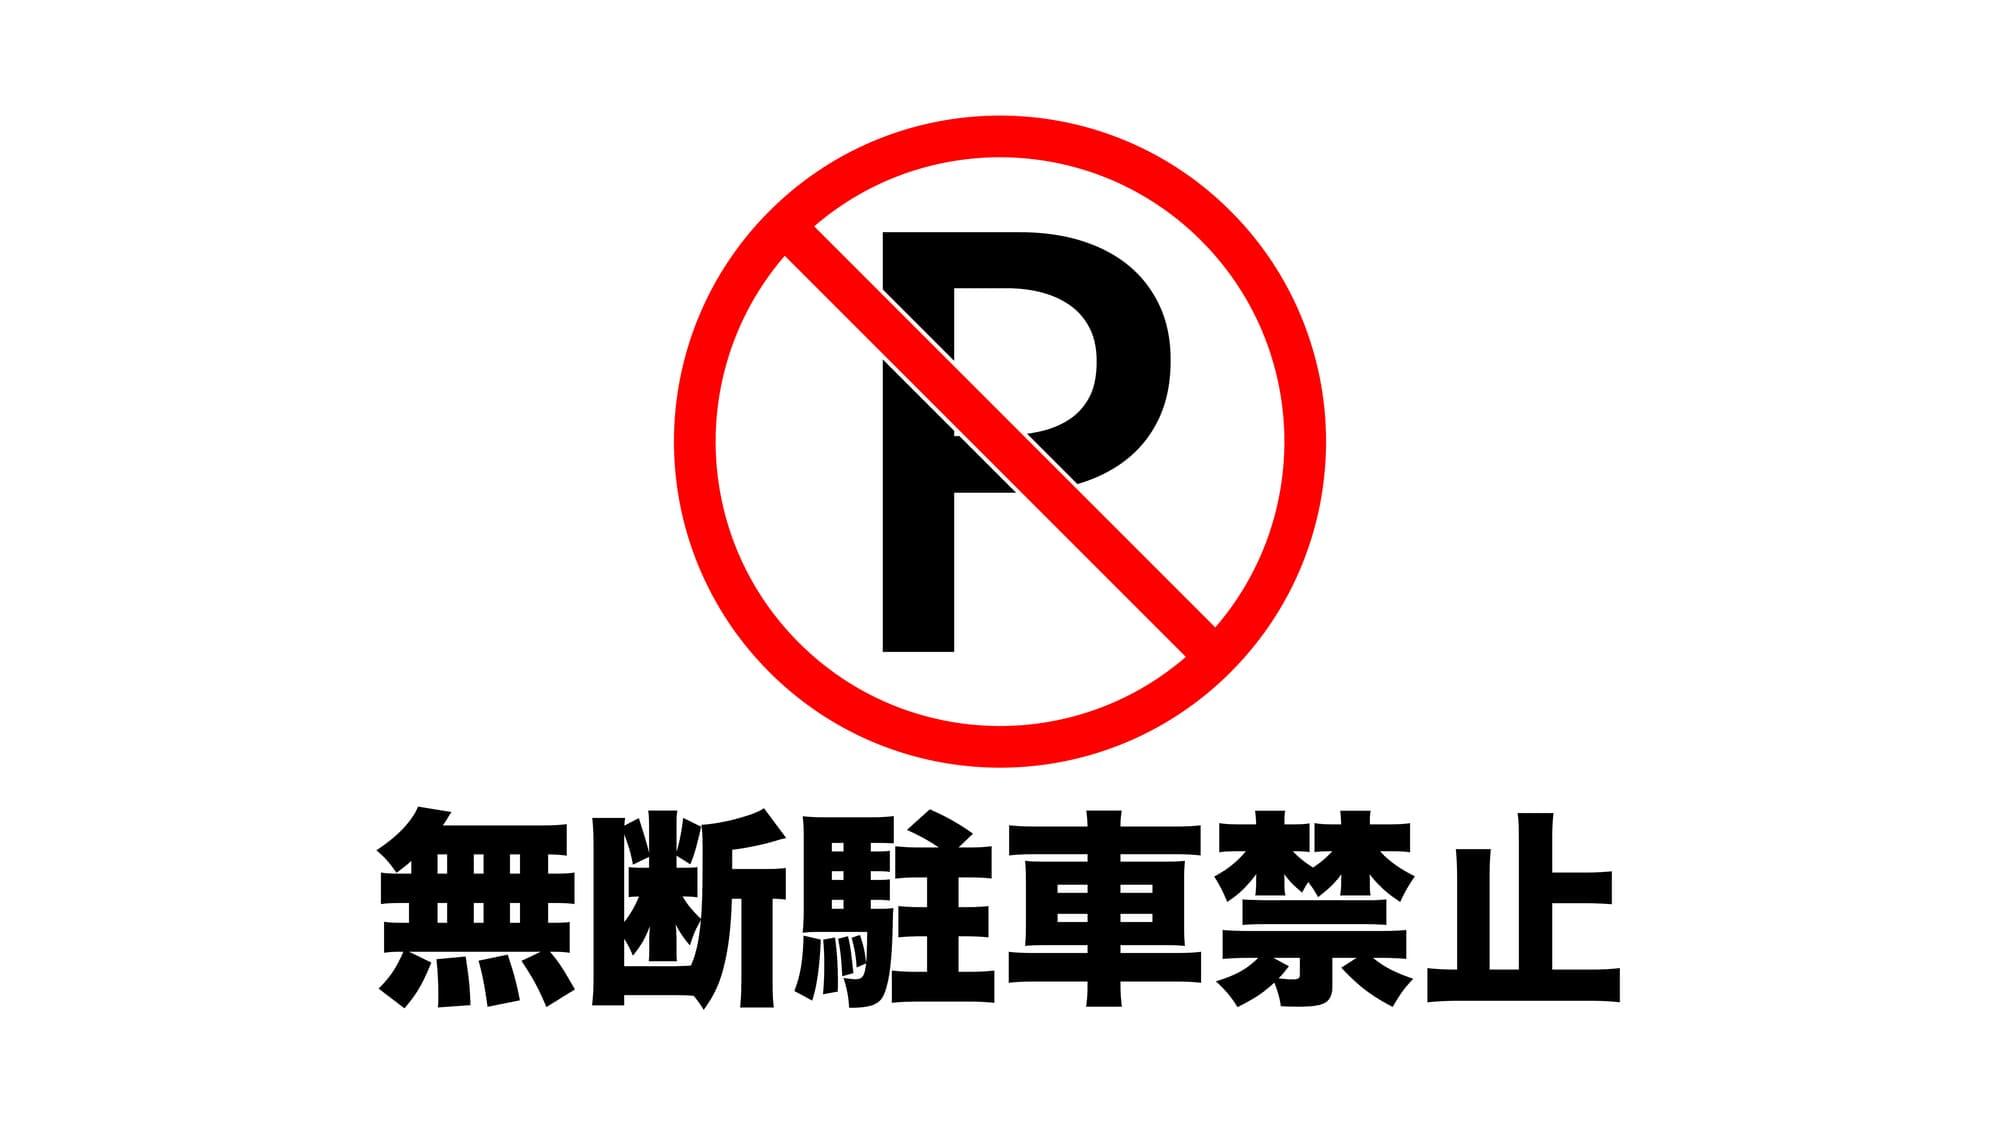 無断駐車が頻発する狭小地、収益化で一石三鳥の解決策で成功